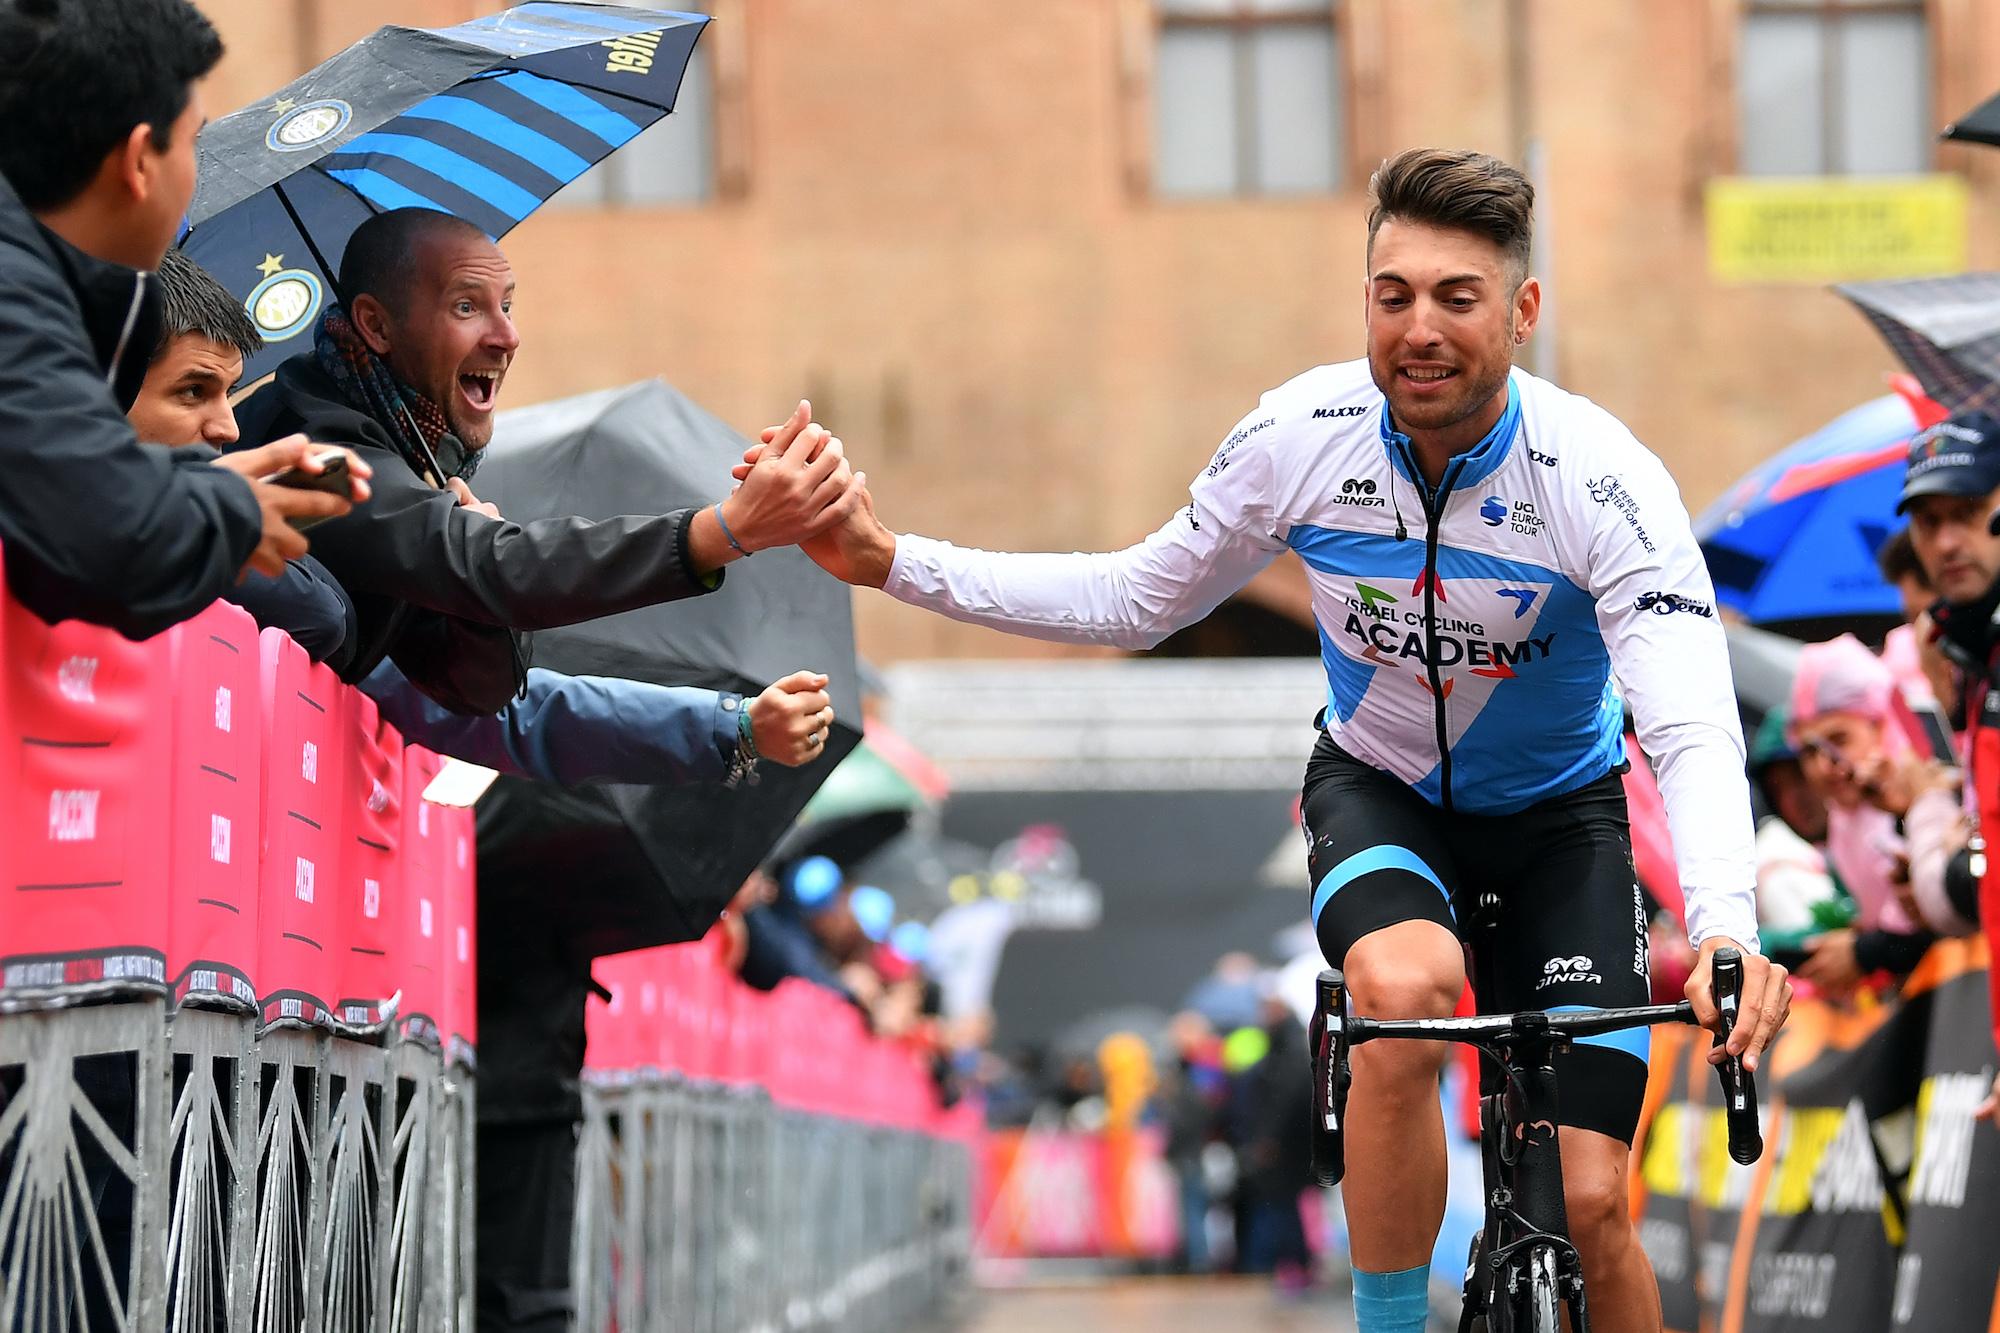 'Gammel mentalitet' i cykling bidrager stadig til uordnet spisning, siger Davide Cimolai